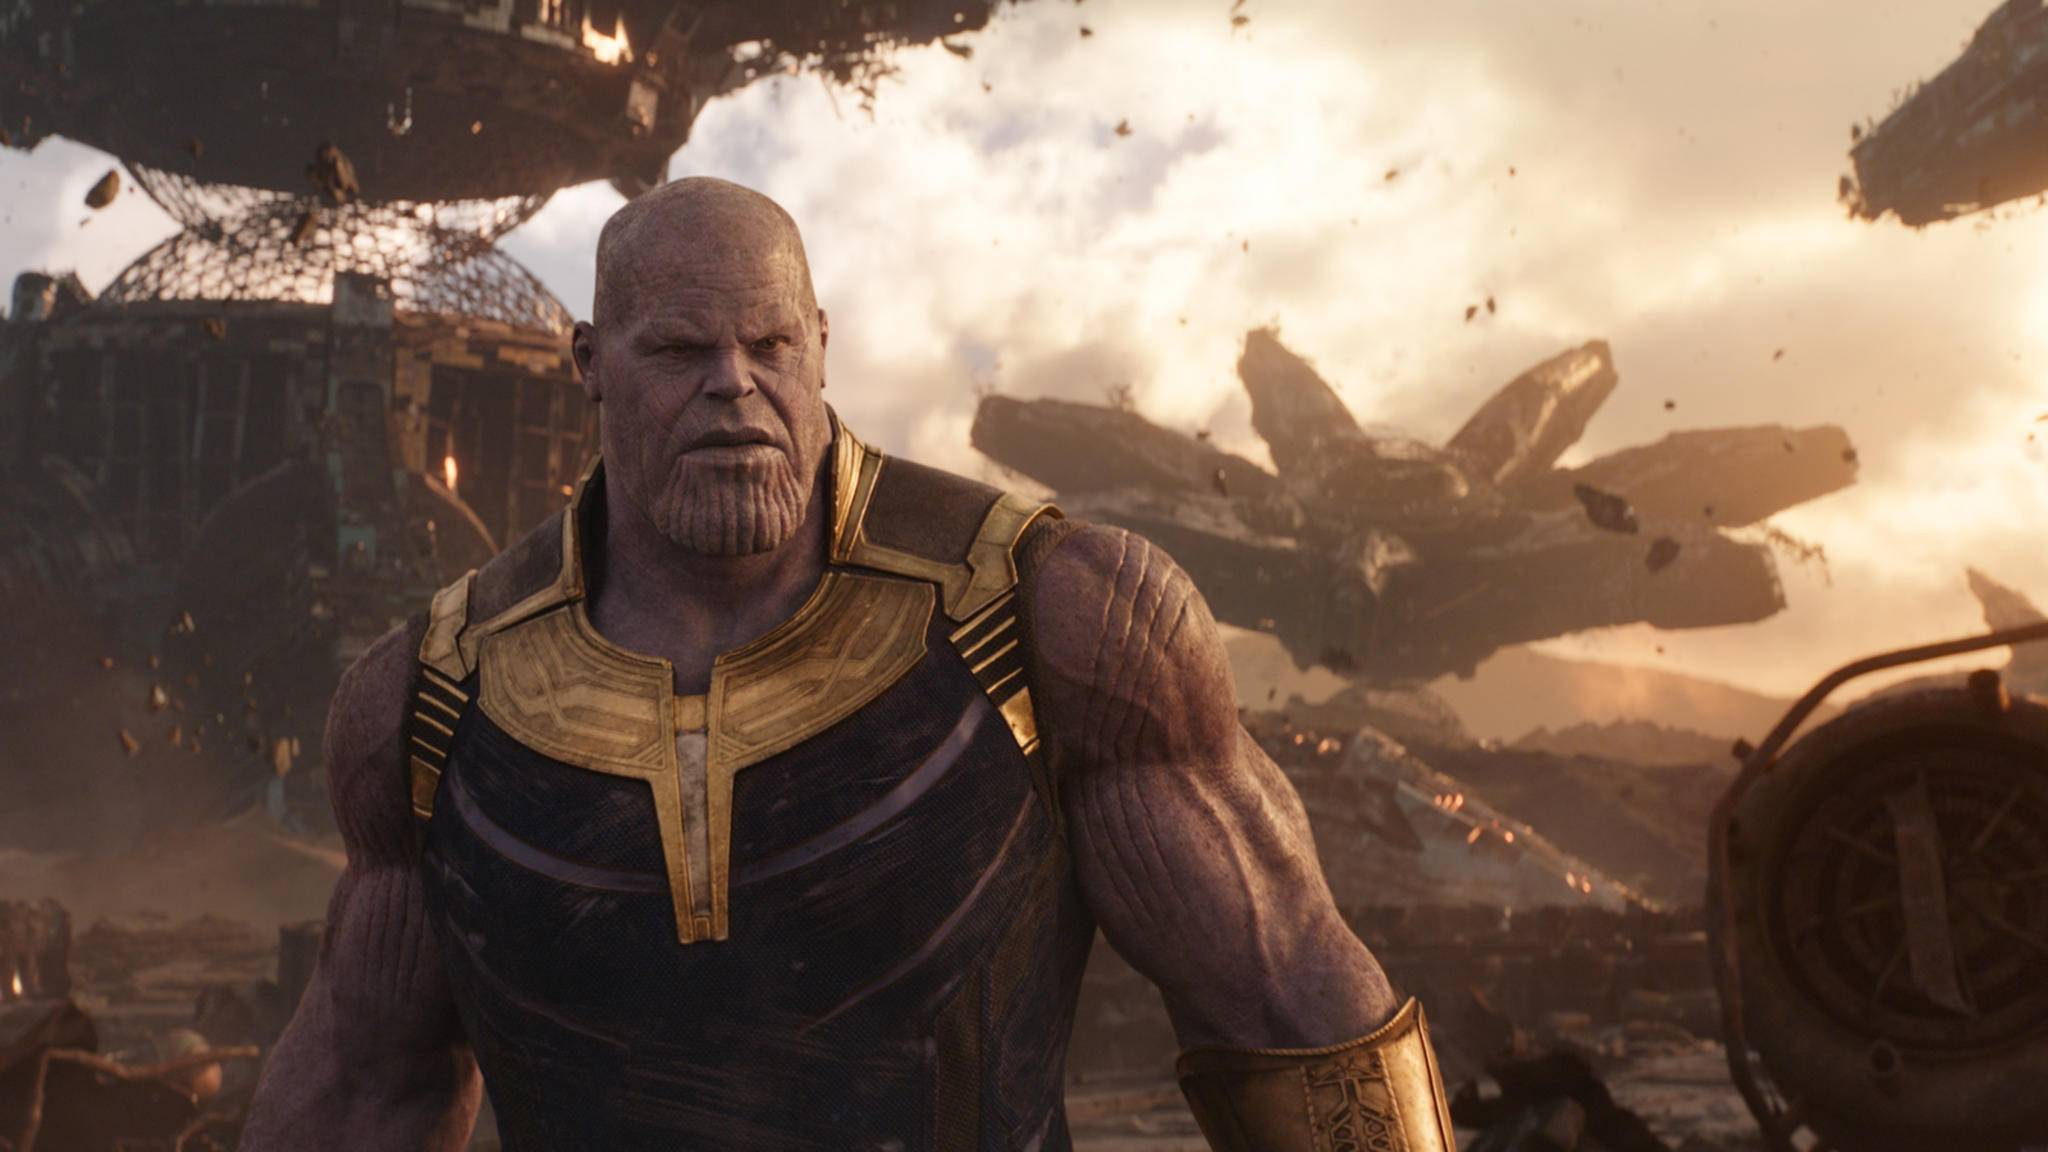 Thanos ist der erste Marvel-Schurke, der siegreich aus einem Film hervorging.